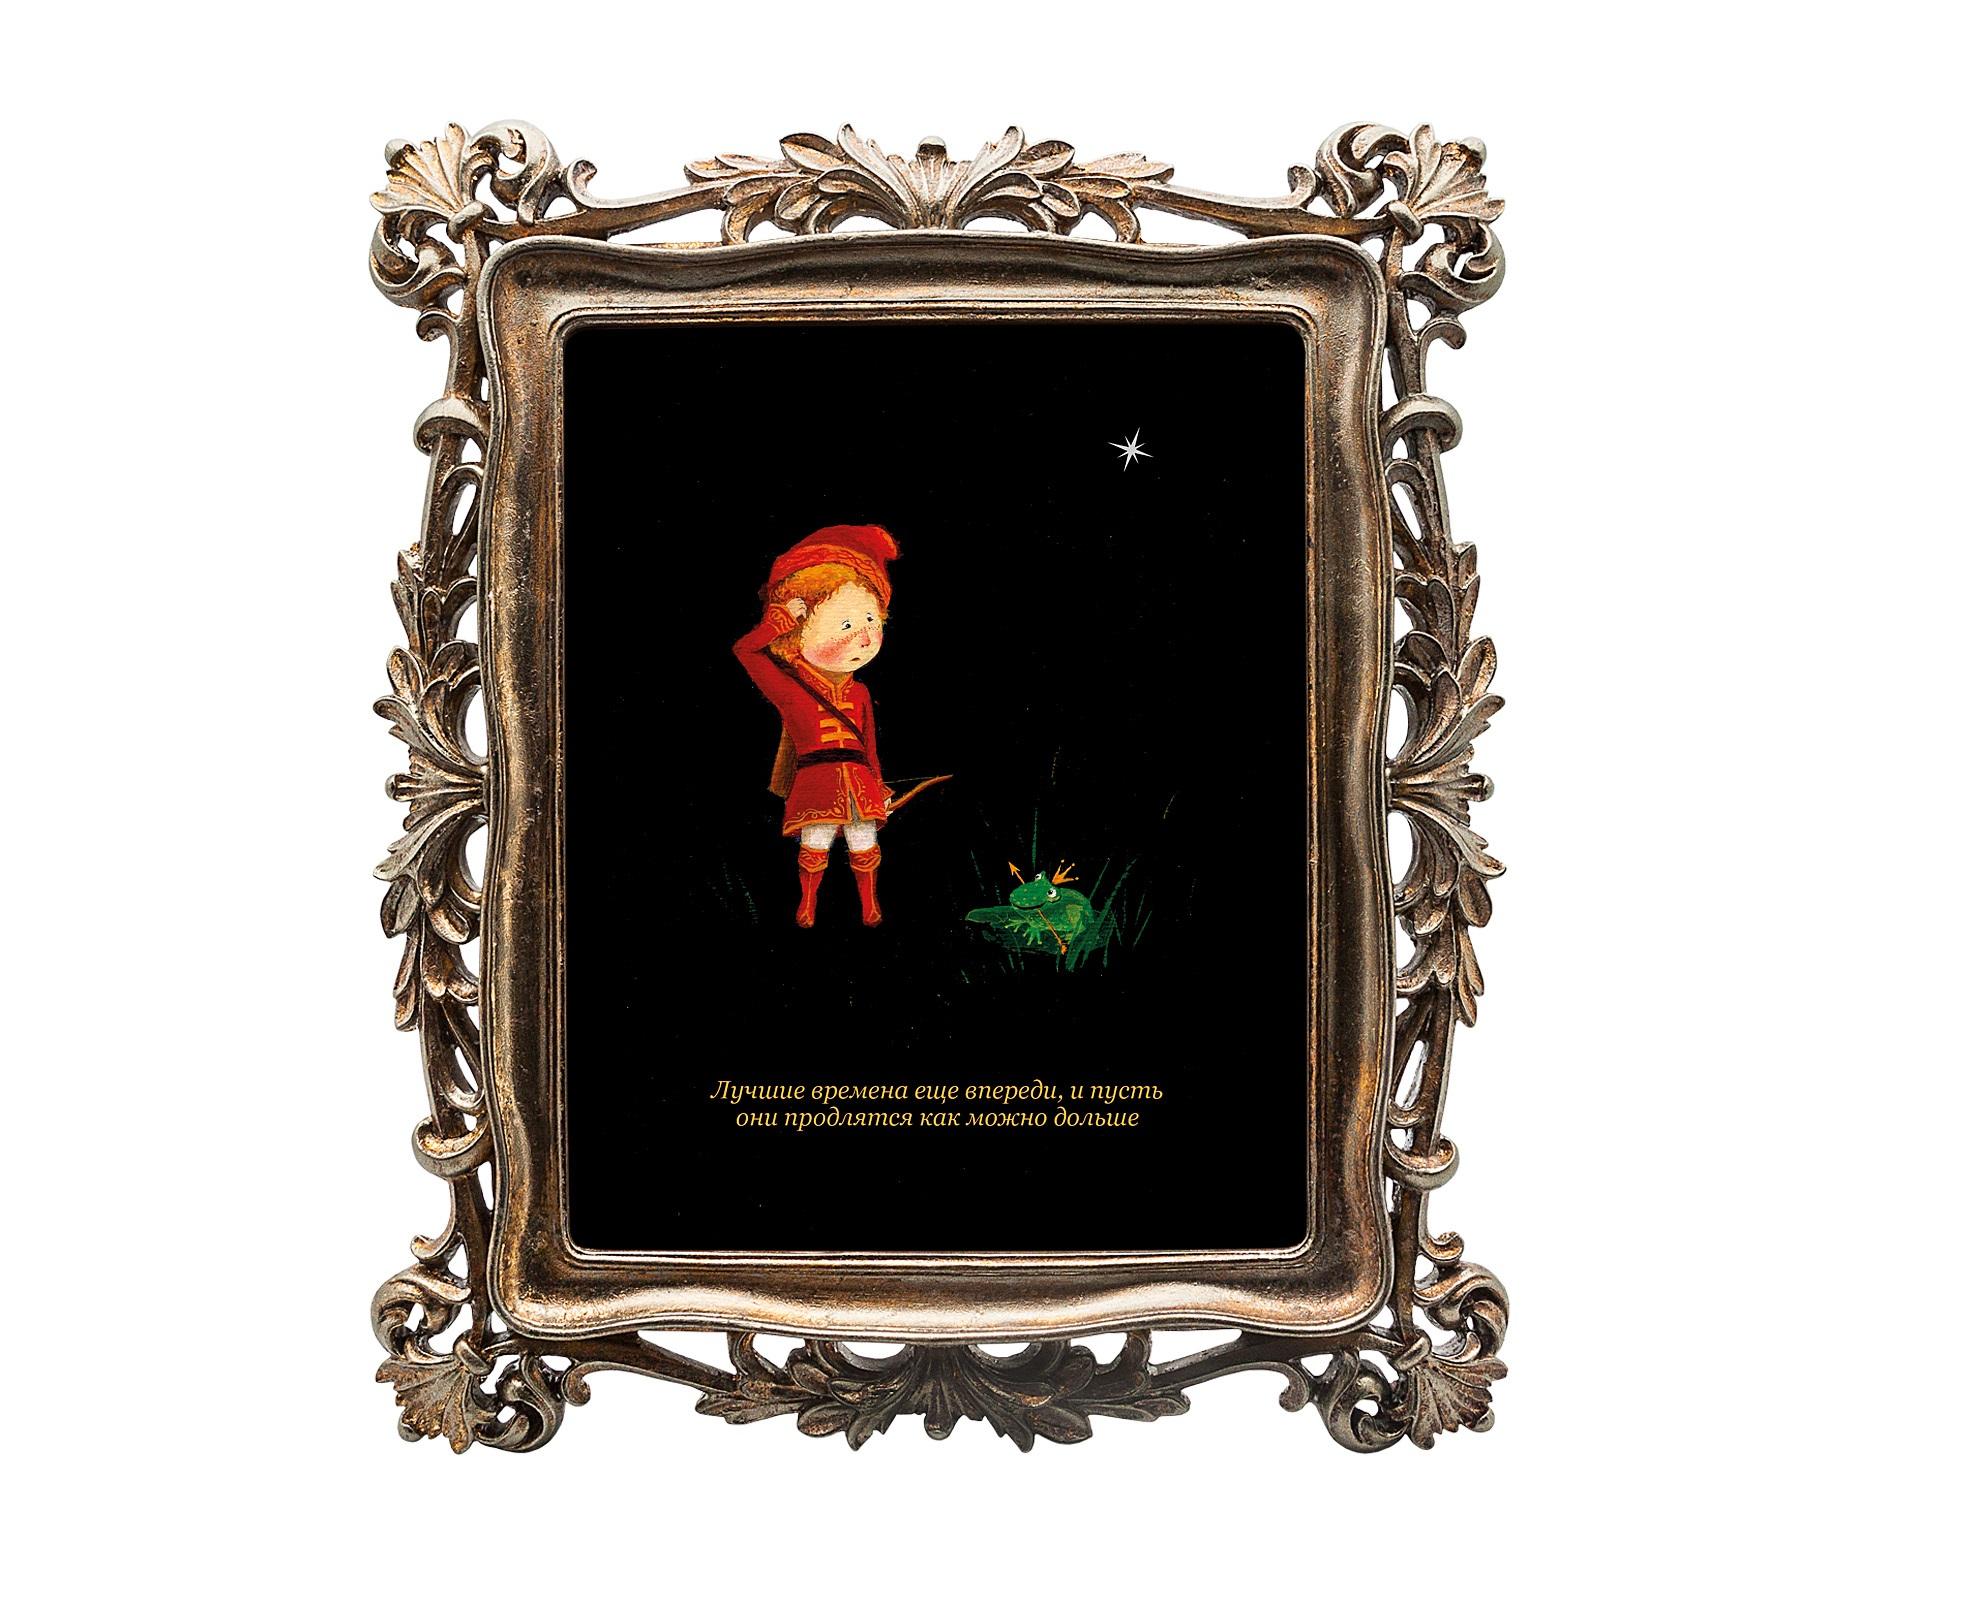 Картина 12 рецептов счастья (Стрелец)Картины<br>Картина из коллекции «12 рецептов счастья» «Лучшие времена еще впереди, и пусть они продлятся как можно дольше» олицетворяет собой знак зодиака Стрелец, преподнося нам уникальное пожелание.  Картину можно повесить на стену, либо поставить, например, на стол или камин. Защитный стеклянный слой  гарантирует долгую жизнь прекрасному изображению. Рама изготовлена из полистоуна. Искусная техника состаривания придает раме особую теплоту и винтажность.<br>&amp;lt;div&amp;gt;&amp;lt;br&amp;gt;&amp;lt;/div&amp;gt;&amp;lt;div&amp;gt;Материал: полистоун, стекло, дизайнерская бумага.&amp;lt;br&amp;gt;&amp;lt;/div&amp;gt;<br><br>Material: Полистоун<br>Width см: 29.7<br>Depth см: 2.2<br>Height см: 34.7